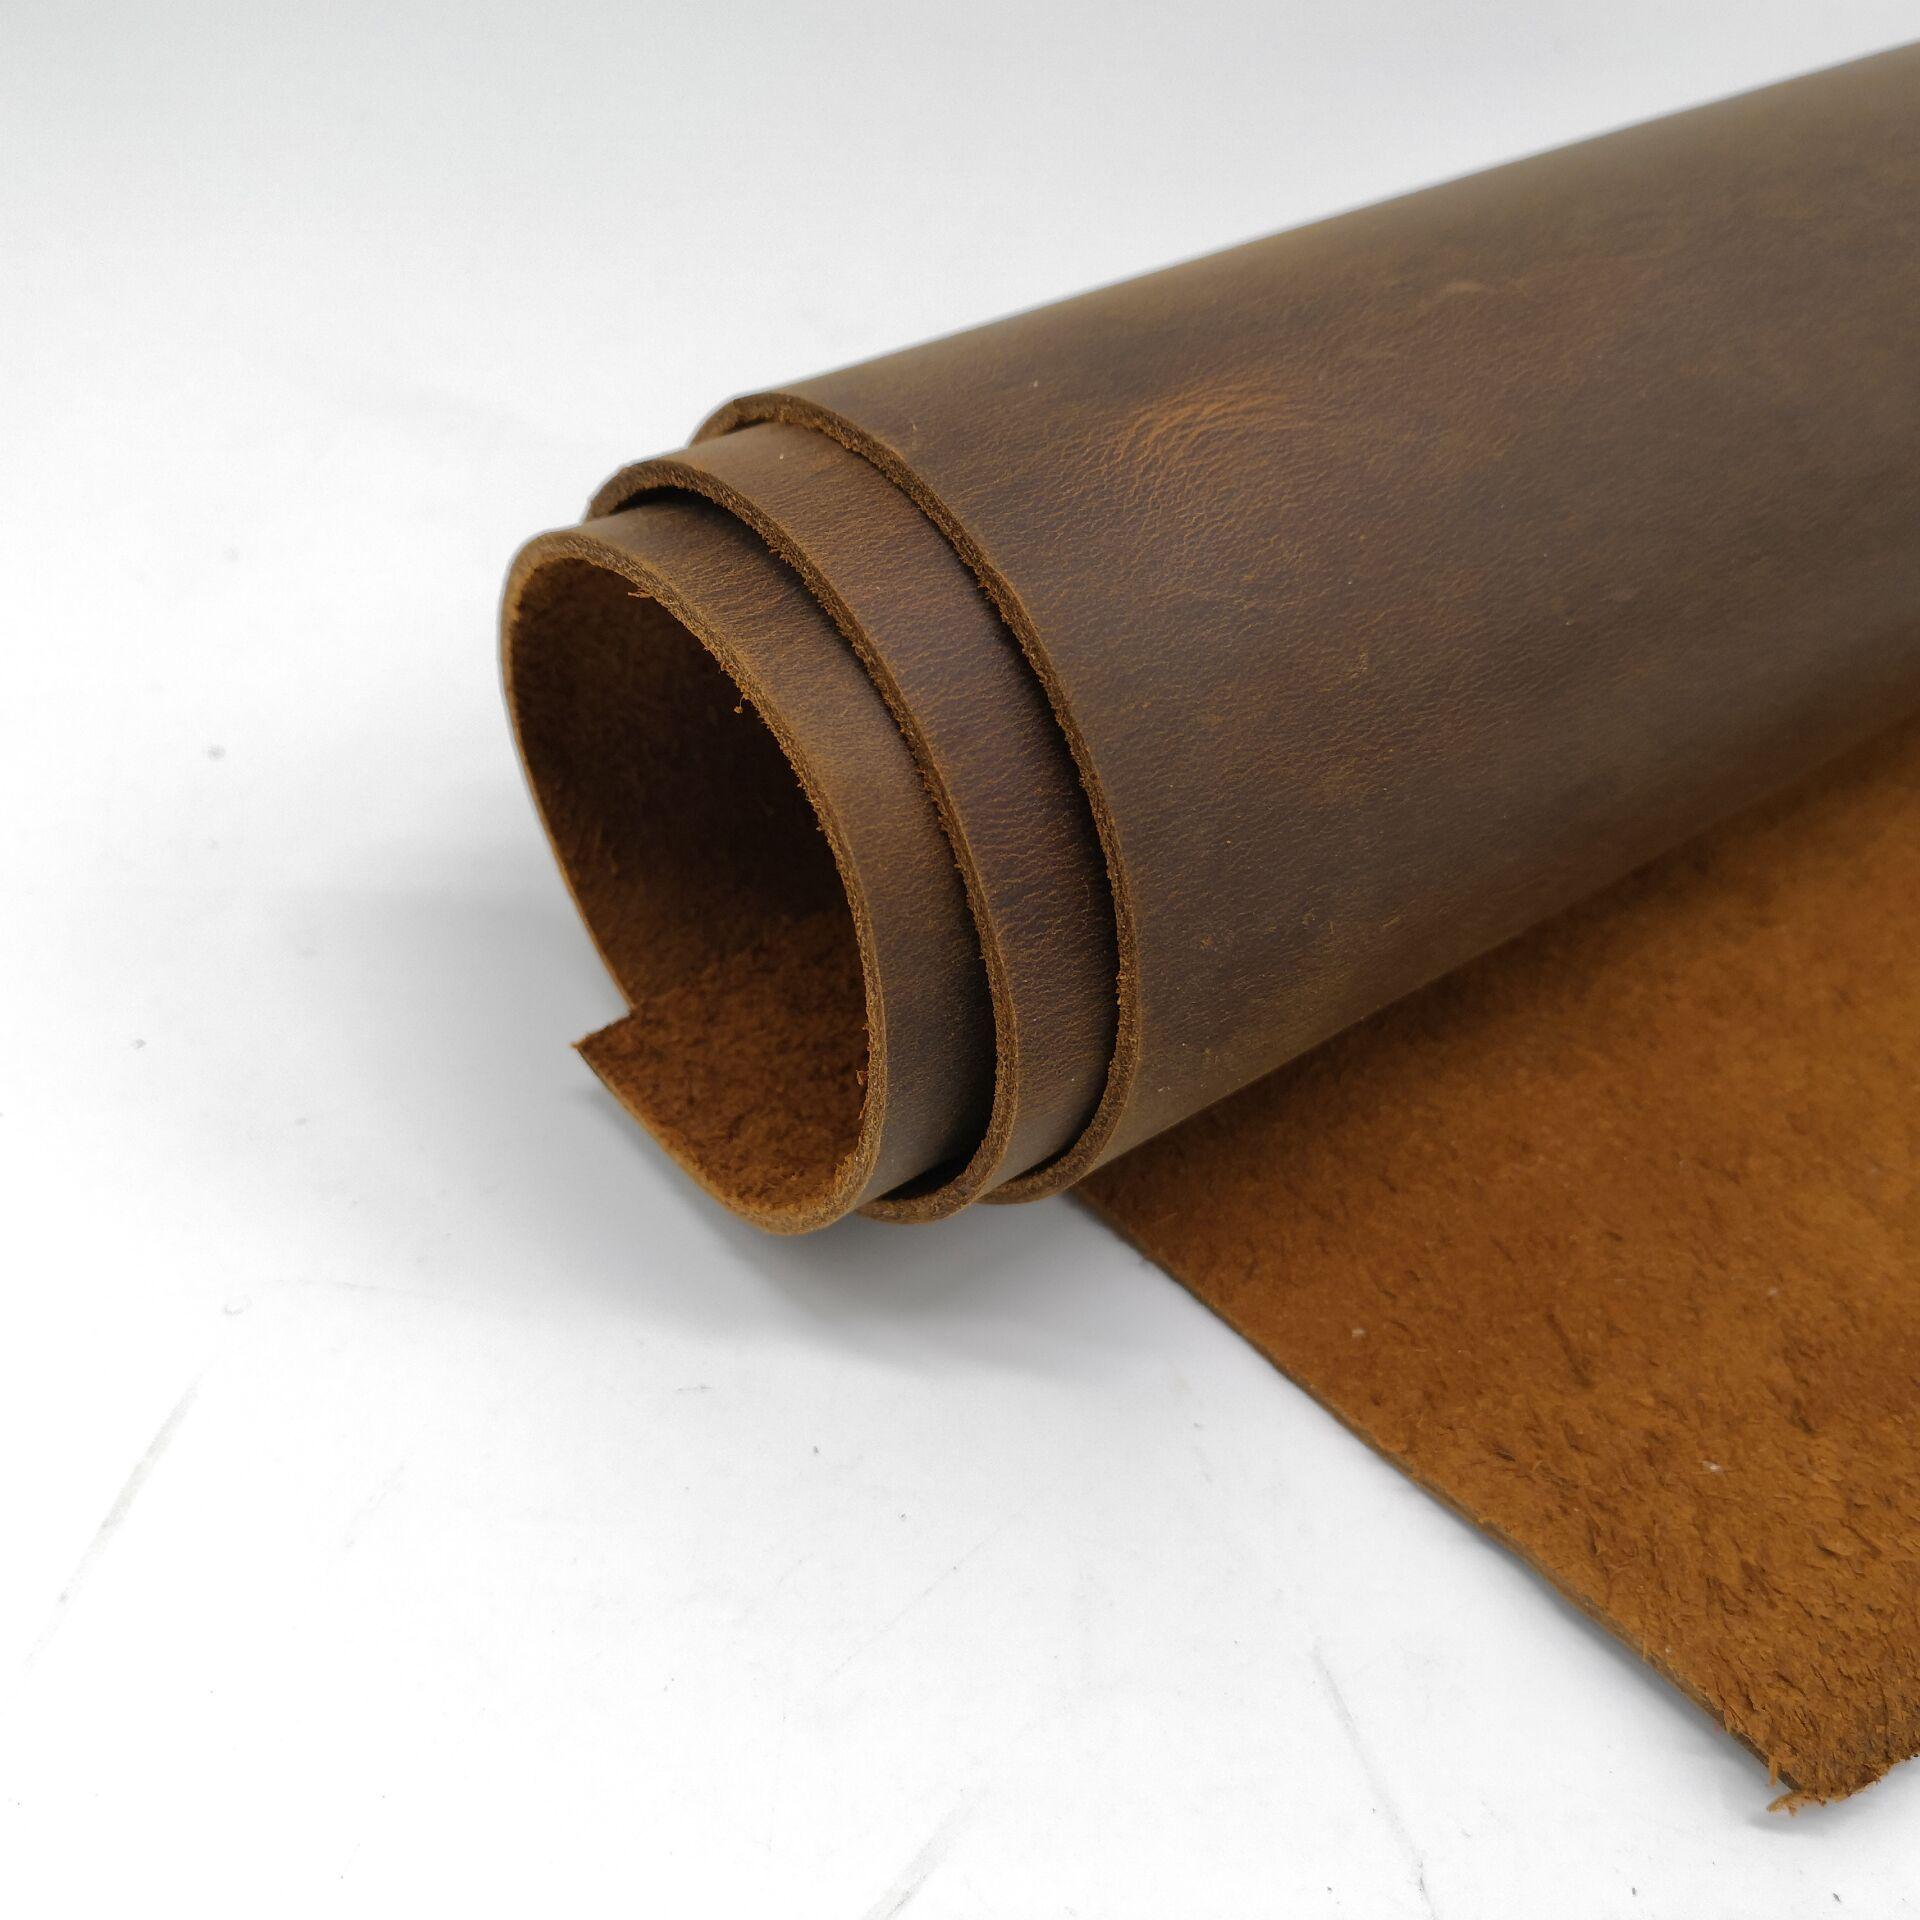 Dark Orange Natural Cow Skin Leather Crazy Horse Leather Color Genuine Leather For Diy Leather Craft For Belt Wallet Bag Shoes